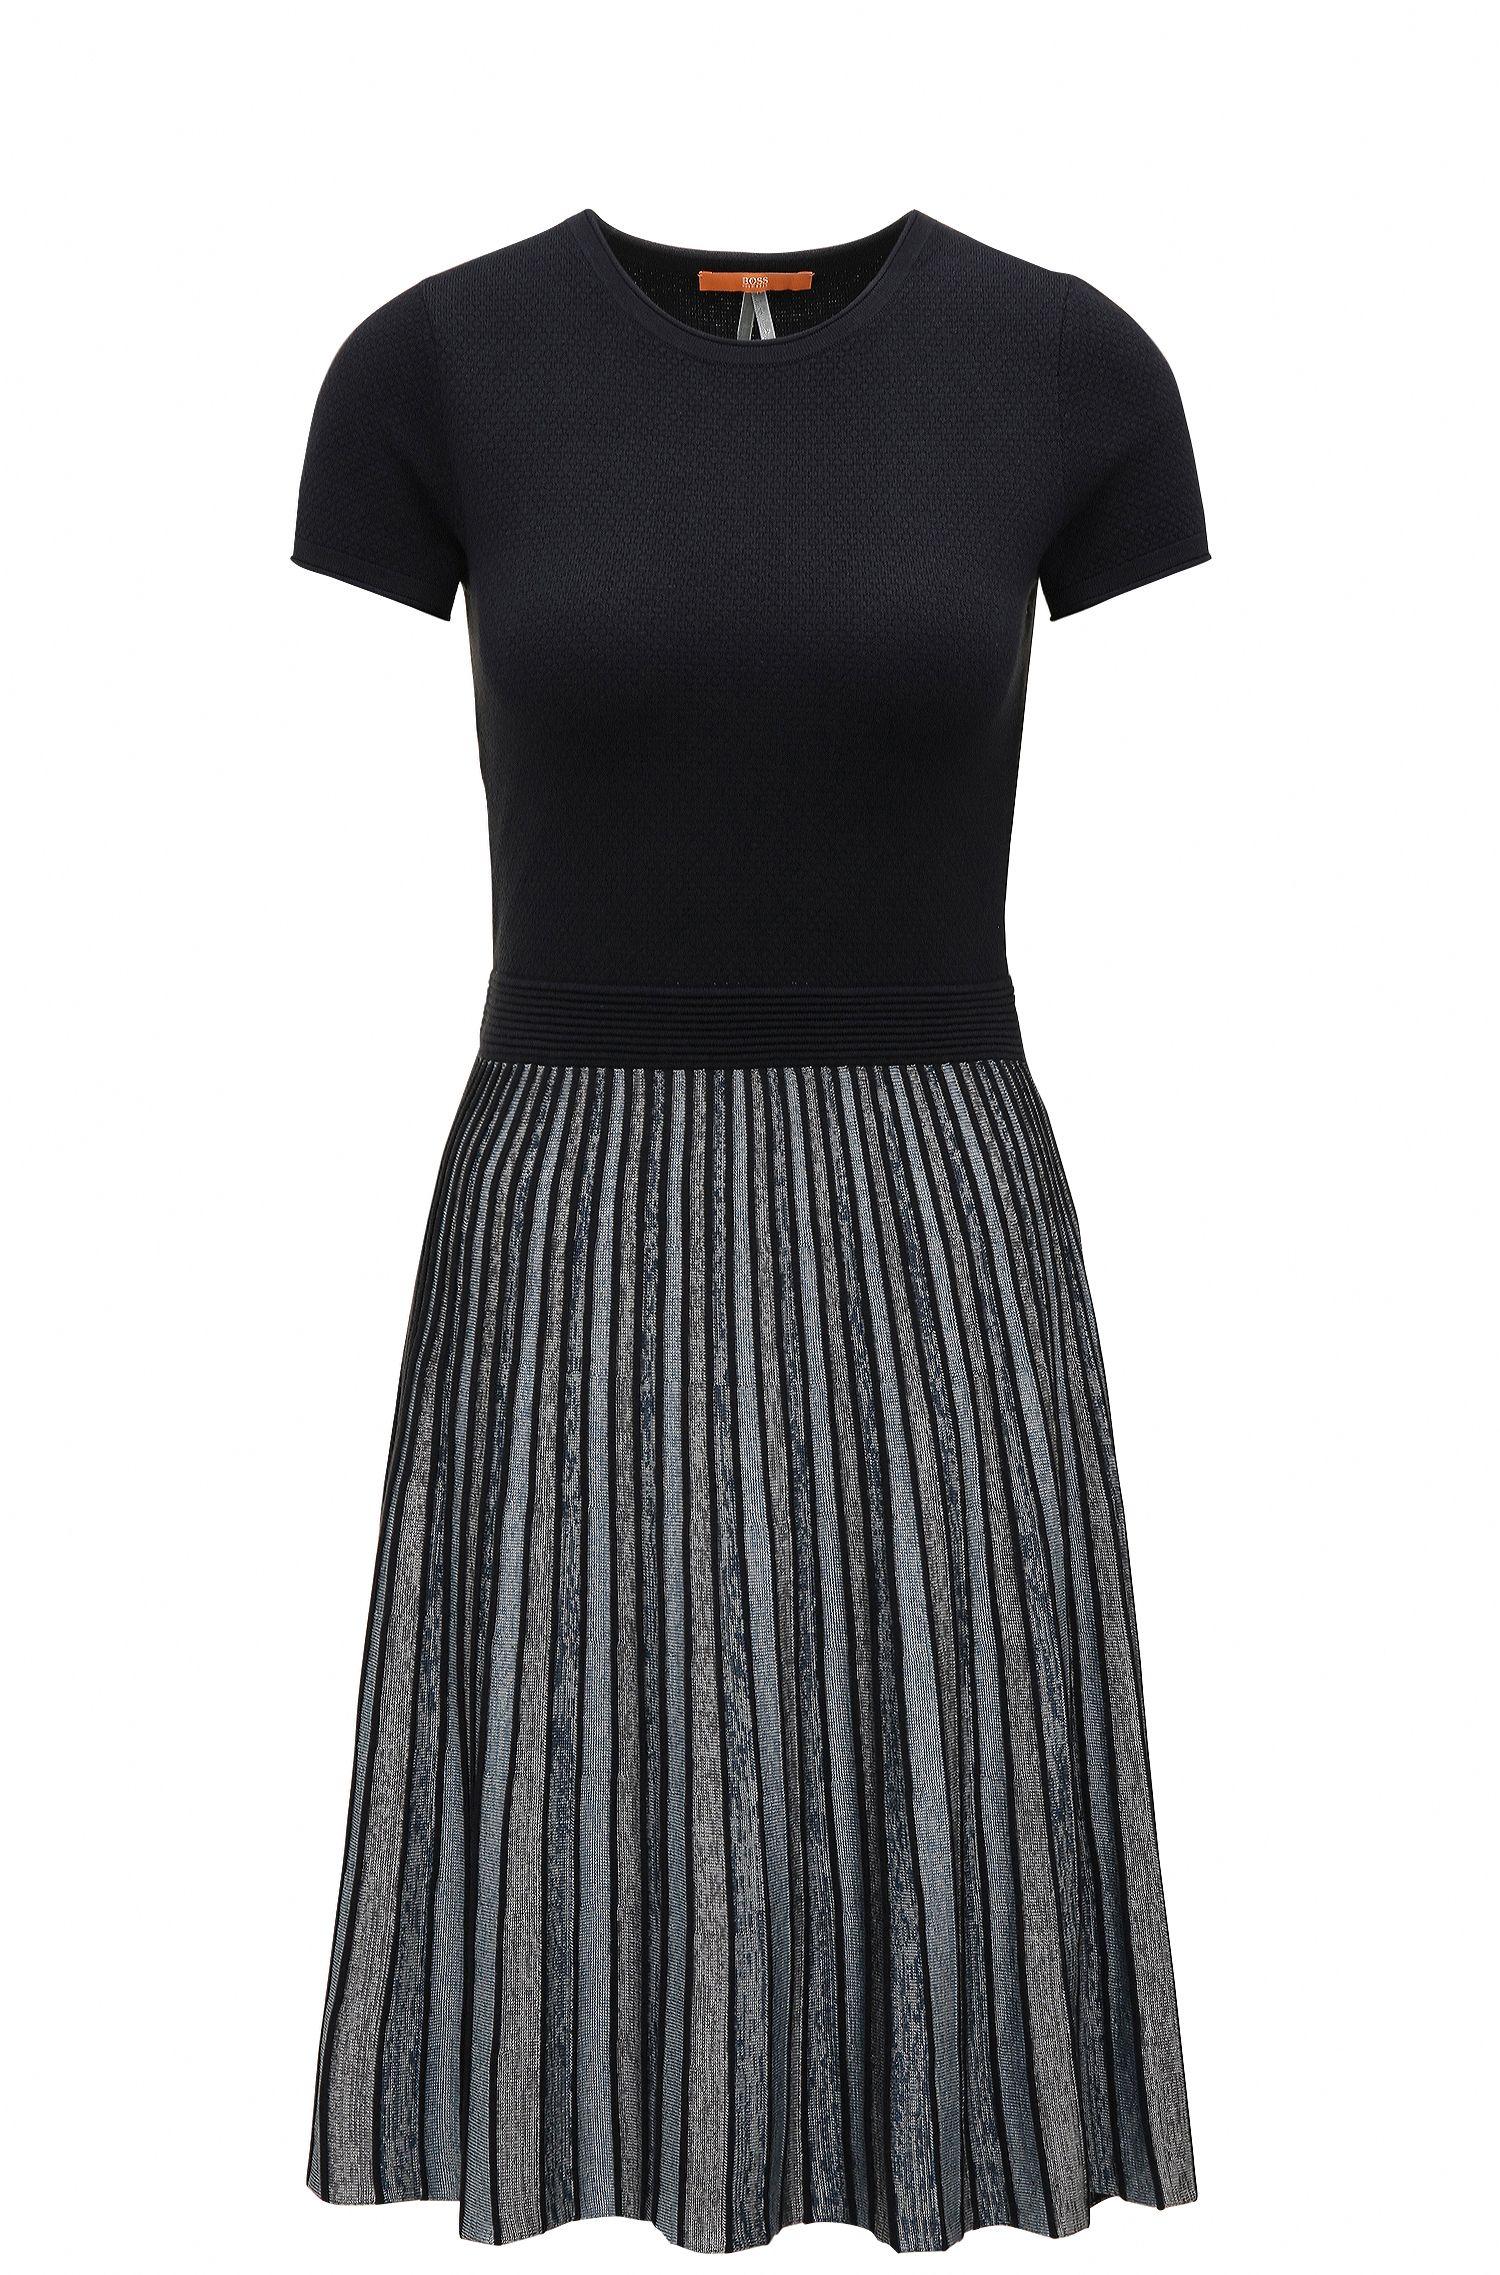 Tailliertes Slim-Fit Kleid aus elastischem Material-Mix mit Streifen-Muster